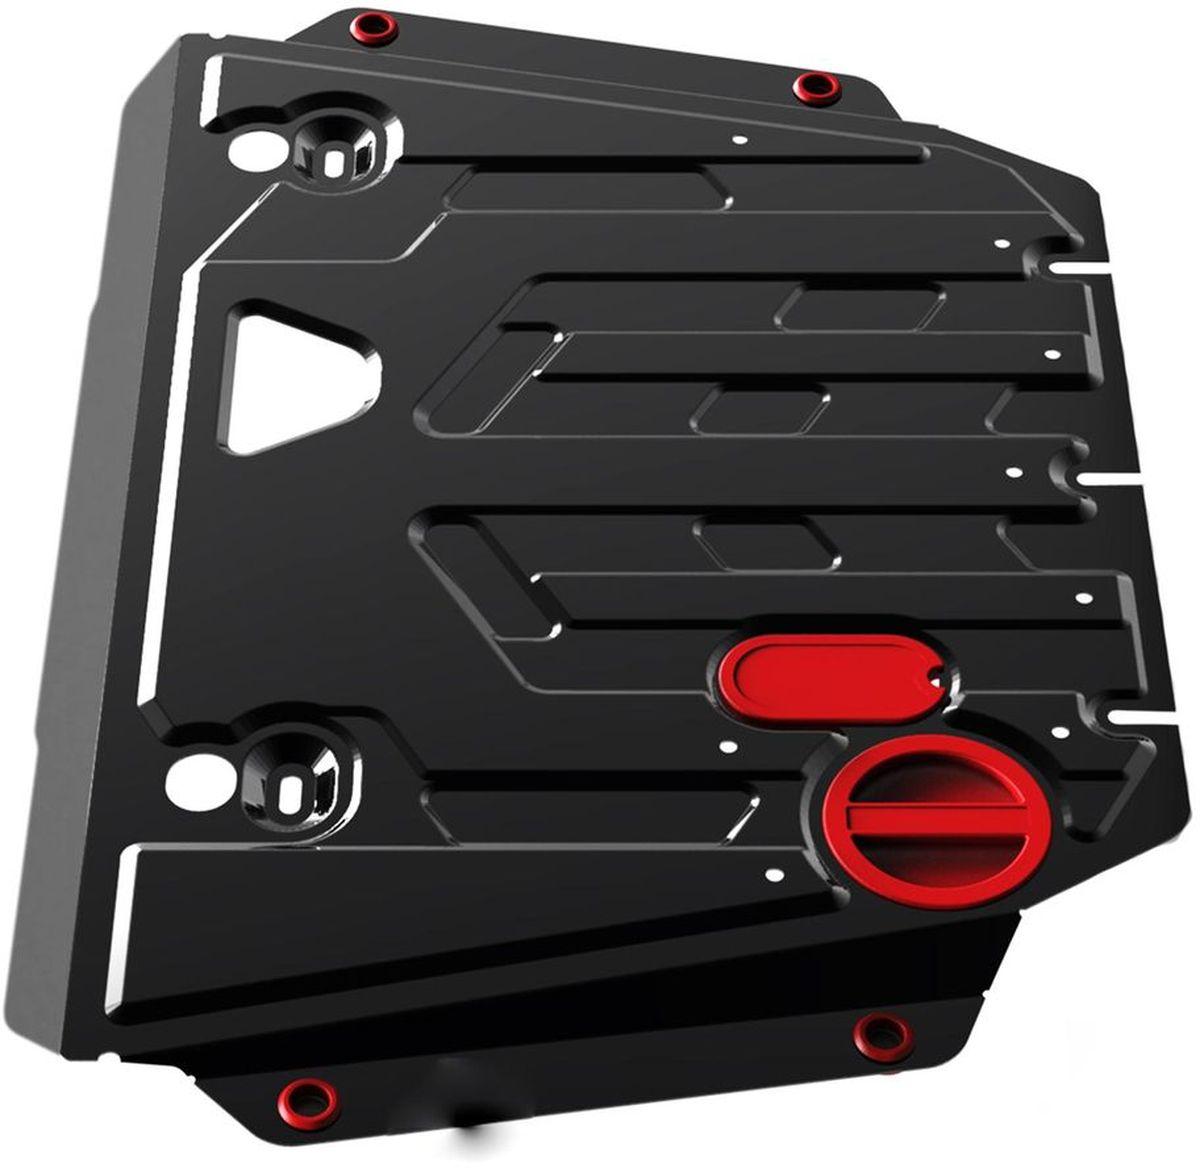 Защита картера Автоброня, для Kia Mohave V - все (2009-)CA-3505Технологически совершенный продукт за невысокую стоимость.Защита разработана с учетом особенностей днища автомобиля, что позволяет сохранить дорожный просвет с минимальным изменением.Защита устанавливается в штатные места кузова автомобиля. Глубокий штамп обеспечивает до двух раз больше жесткости в сравнении с обычной защитой той же толщины. Проштампованные ребра жесткости препятствуют деформации защиты при ударах.Тепловой зазор и вентиляционные отверстия обеспечивают сохранение температурного режима двигателя в норме. Скрытый крепеж предотвращает срыв крепежных элементов при наезде на препятствие.Шумопоглощающие резиновые элементы обеспечивают комфортную езду без вибраций и скрежета металла, а съемные лючки для слива масла и замены фильтра - экономию средств и время.Конструкция изделия не влияет на пассивную безопасность автомобиля (при ударе защита не воздействует на деформационные зоны кузова). Со штатным крепежом. В комплекте инструкция по установке.Толщина стали: 2 мм.Уважаемые клиенты!Обращаем ваше внимание, что элемент защиты имеет форму, соответствующую модели данного автомобиля. Фото служит для визуального восприятия товара и может отличаться от фактического.